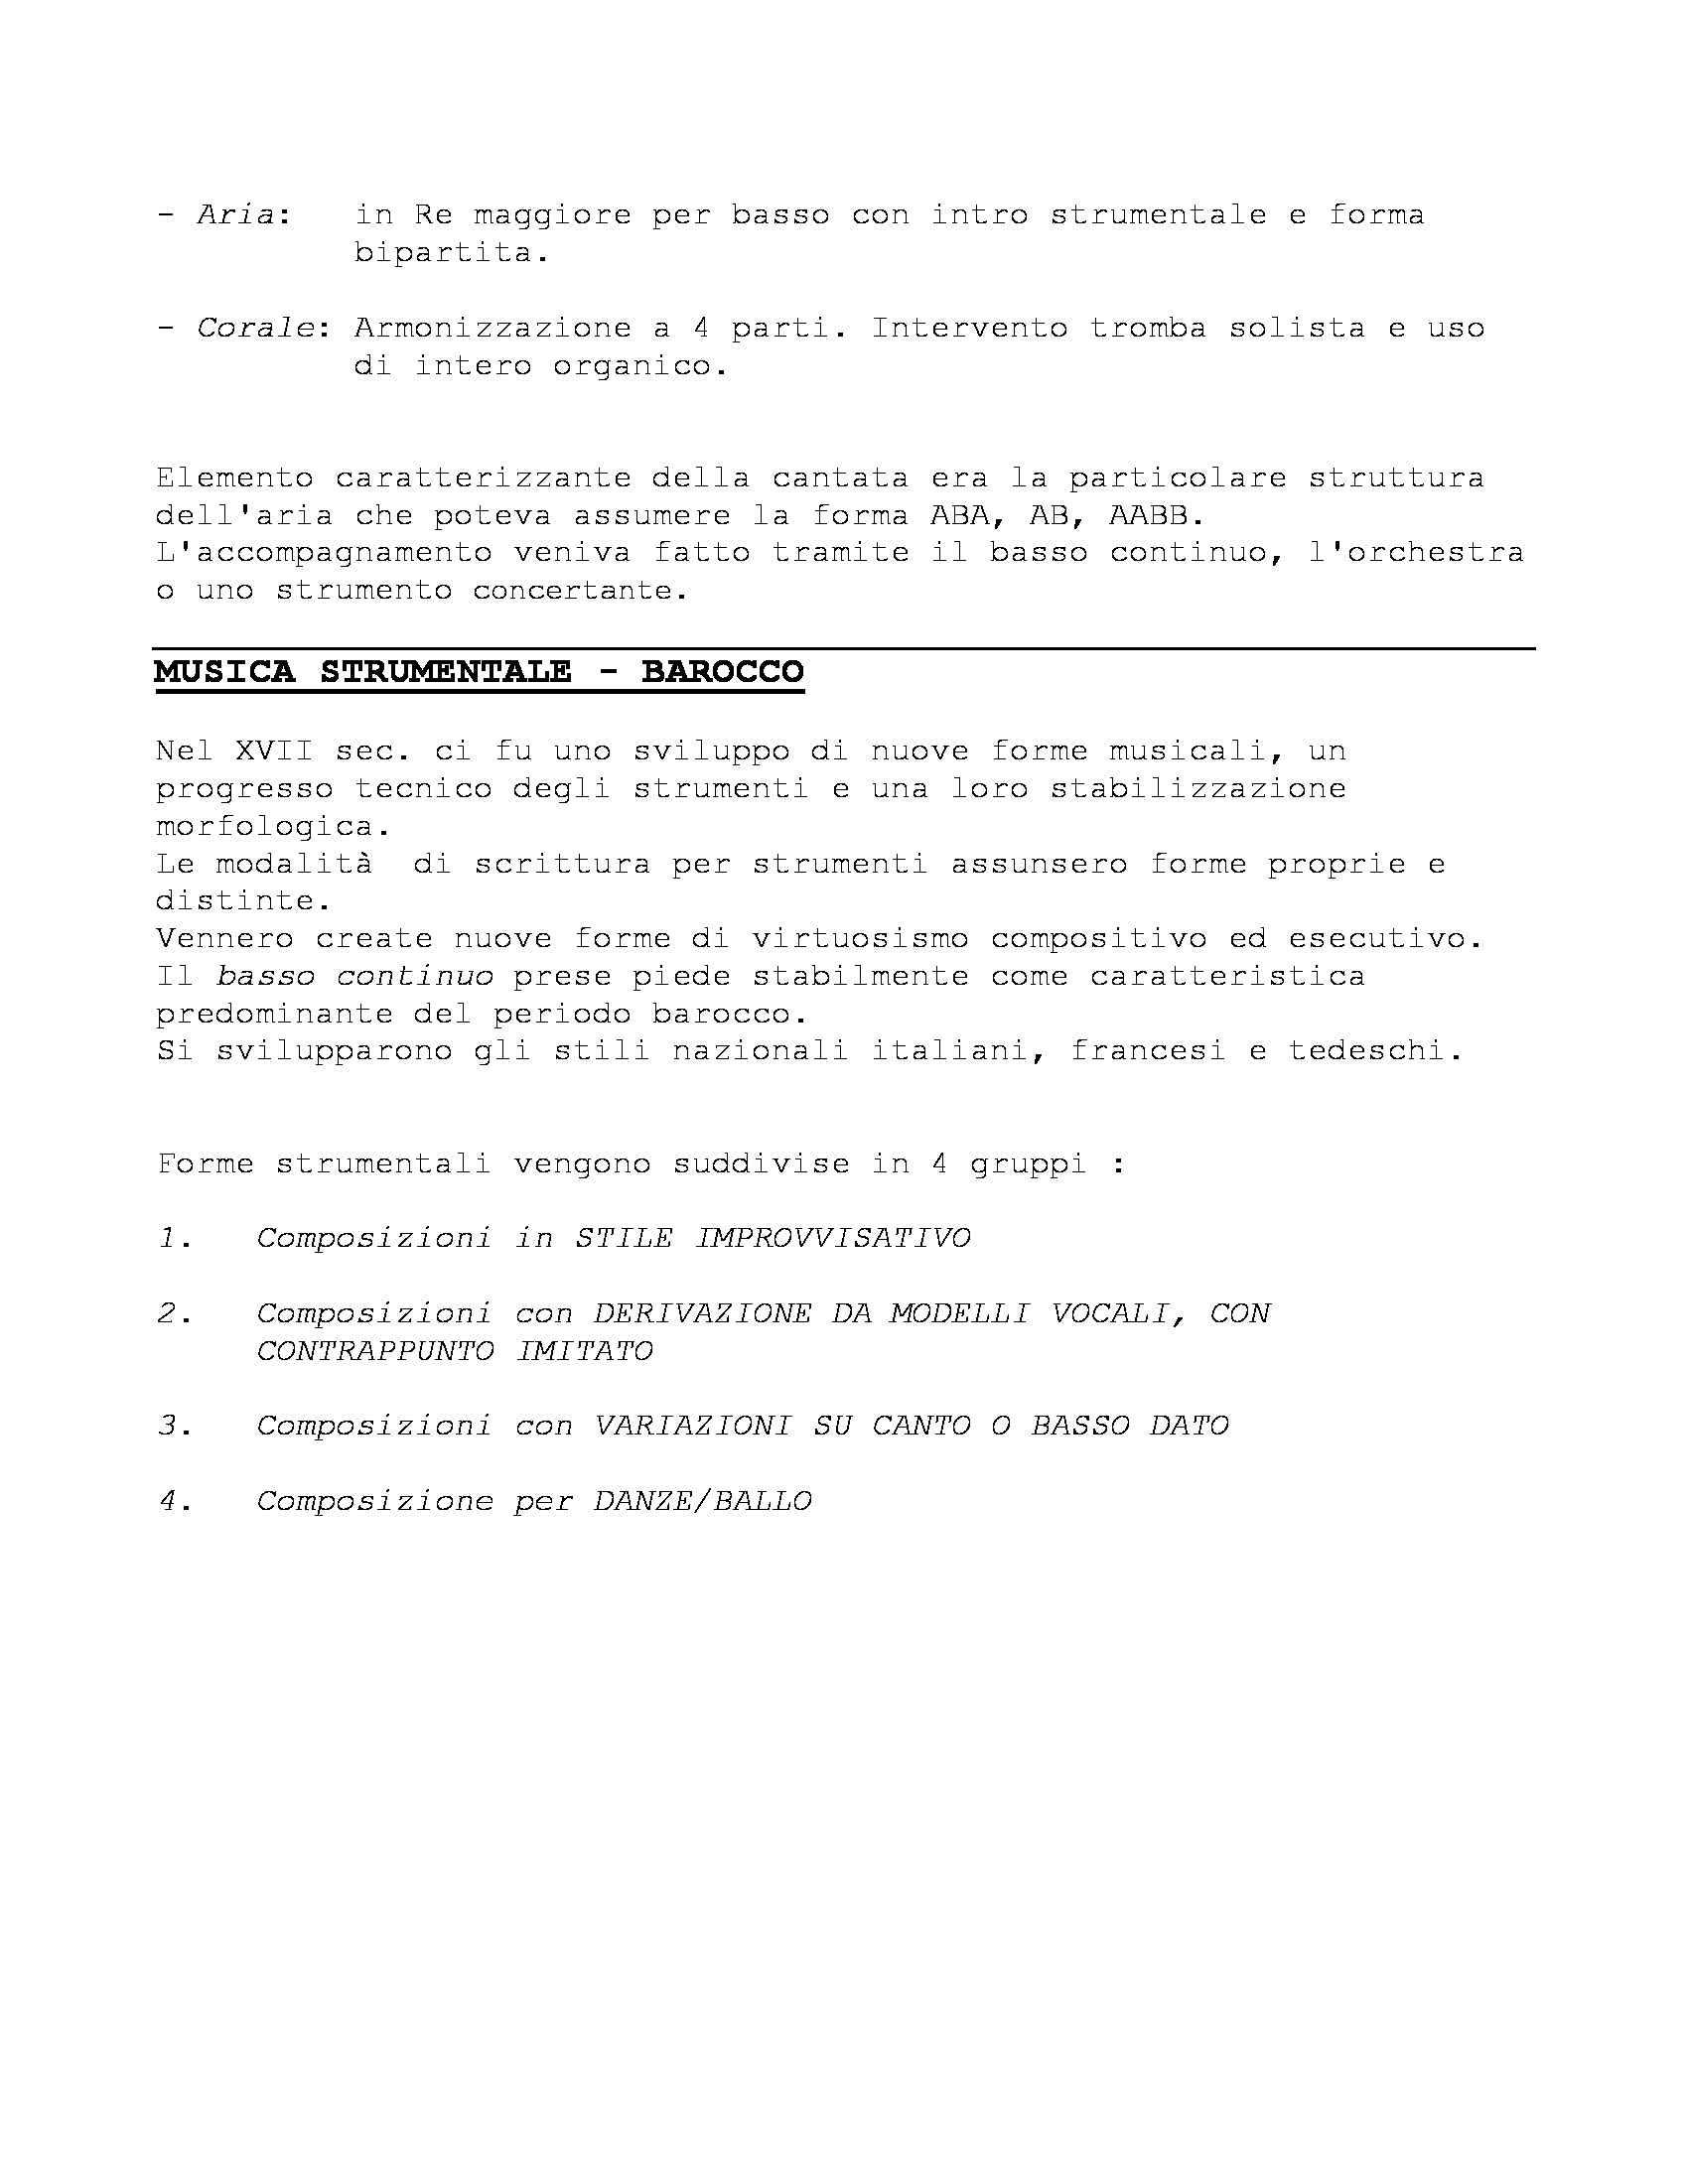 Storia delle Forme e Repertori Musicali 1 - Appunti Pag. 26